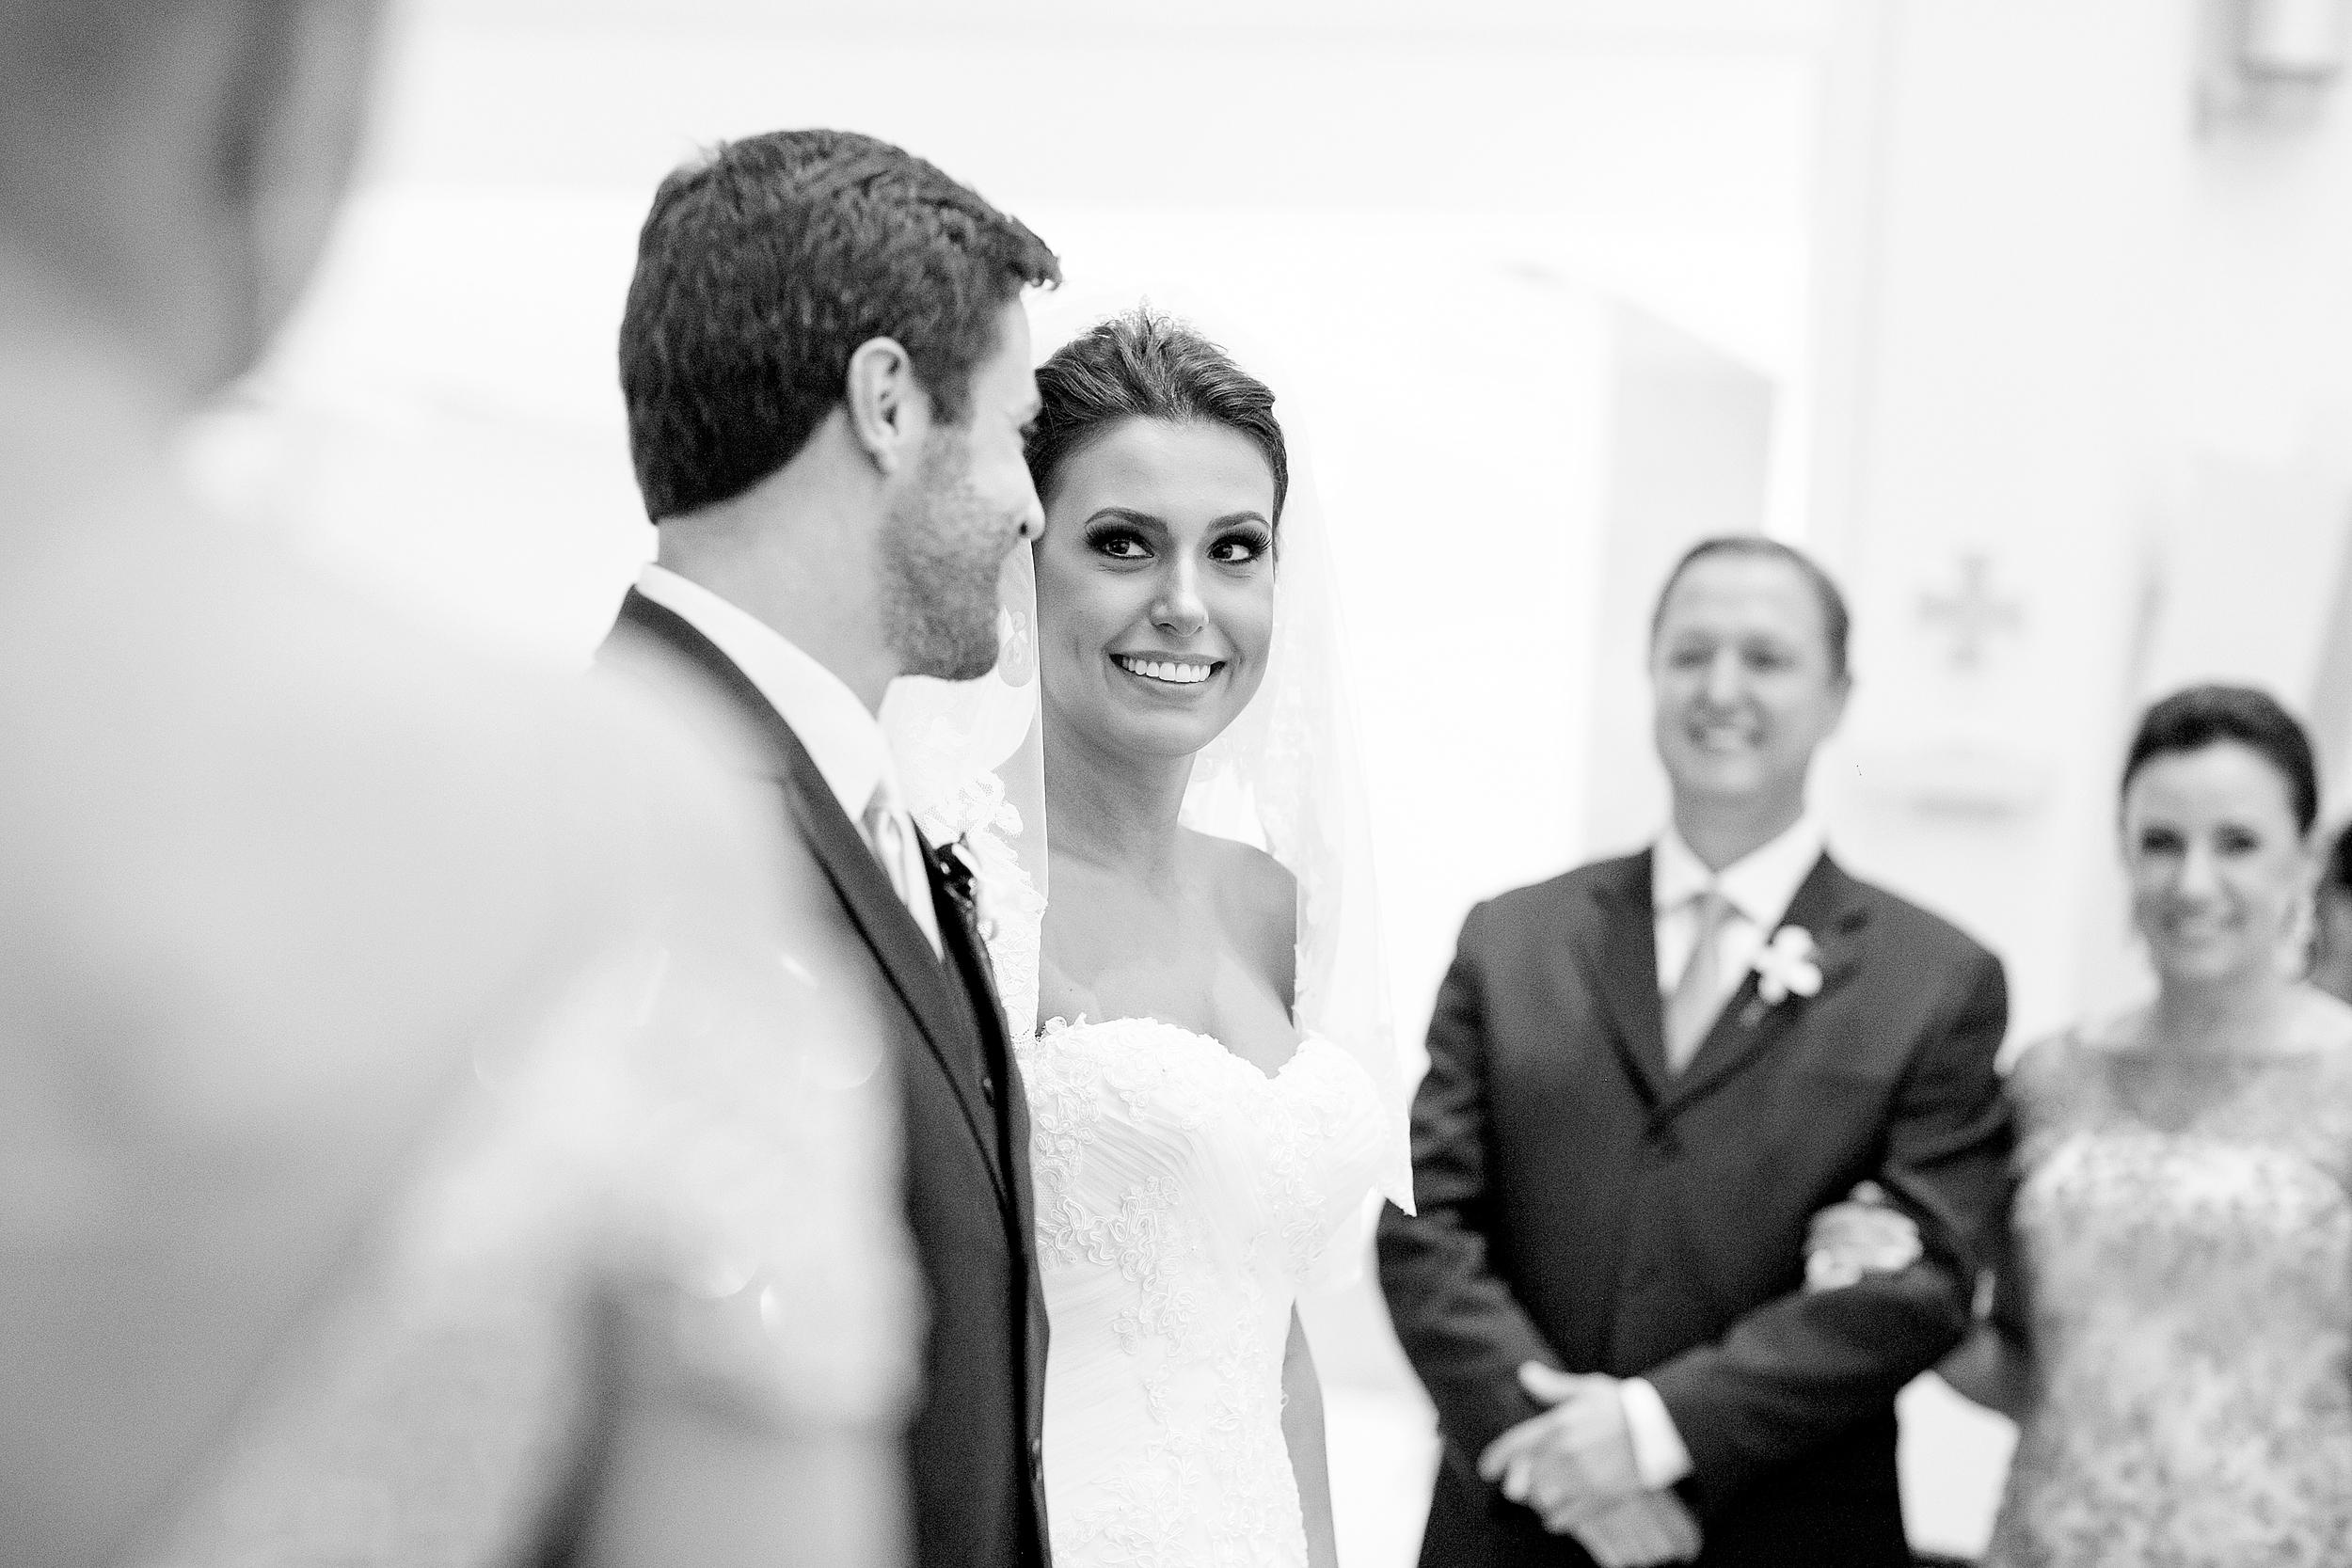 casamento curitiba _41.JPG